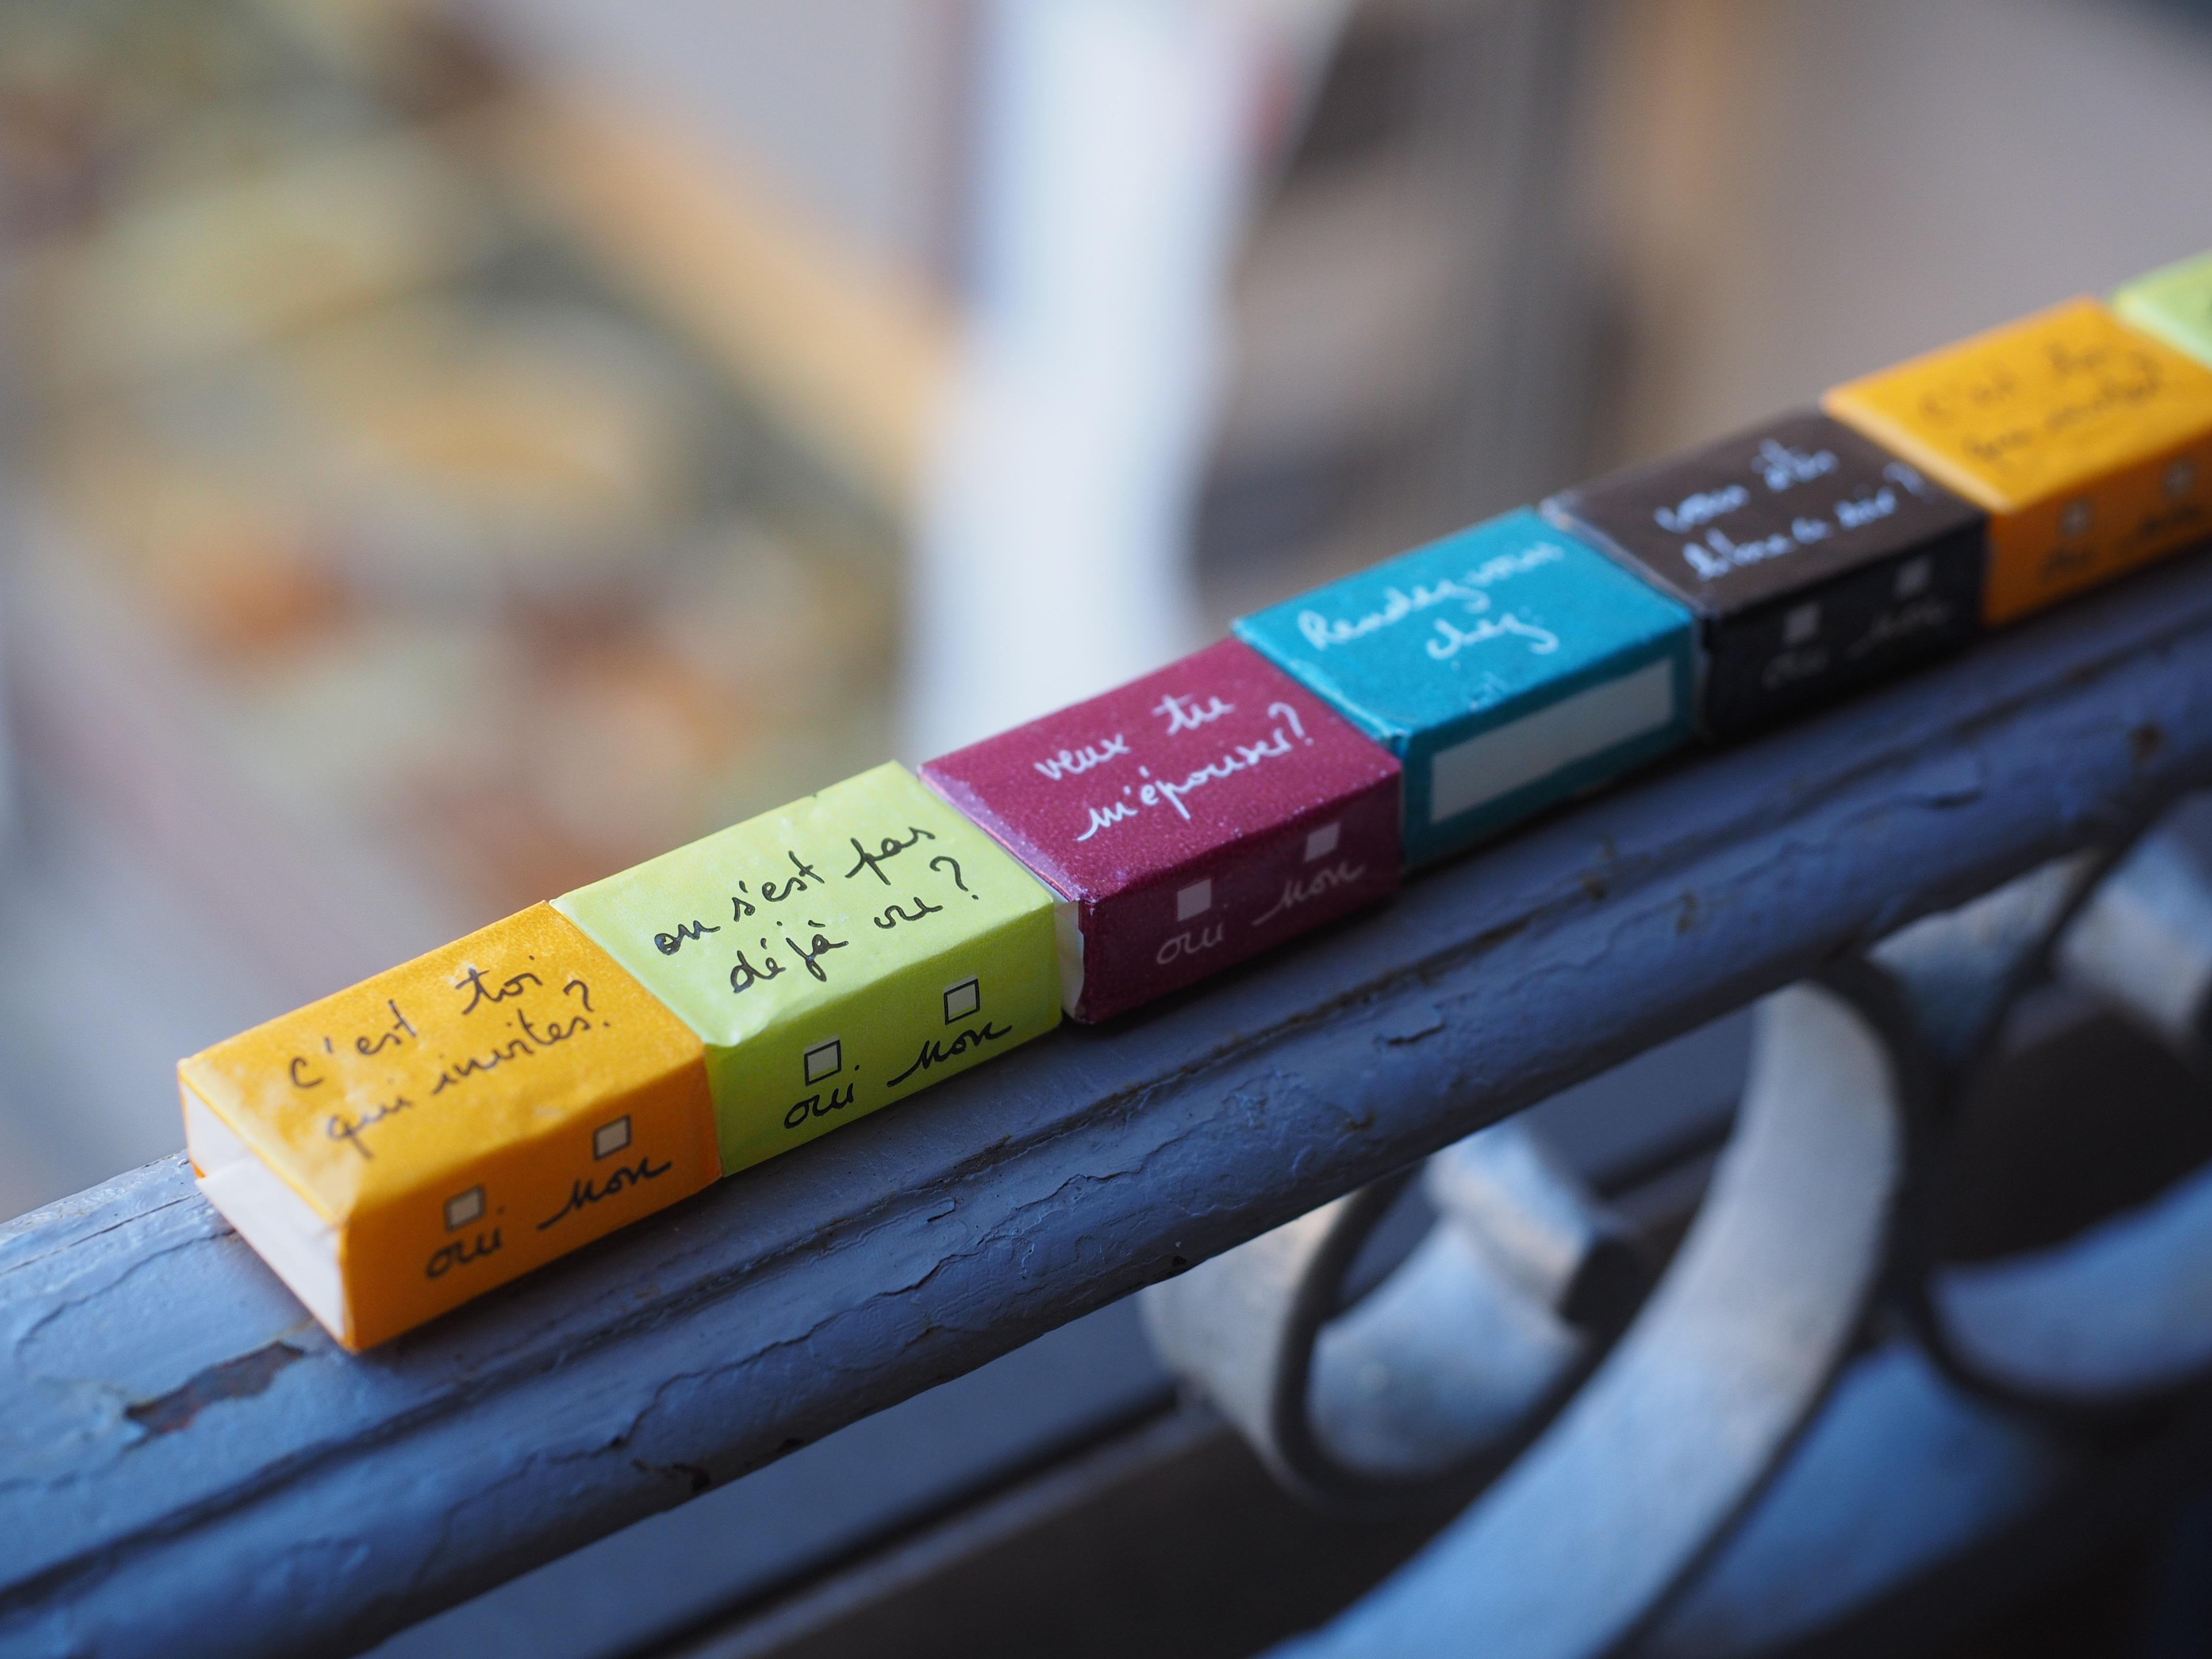 Manis Jumlah Makanan Warna Warna Warni Kuning Energi Merapatkan Kalori Perancis Gula Makanan Kubus Pengemasan Public Domain